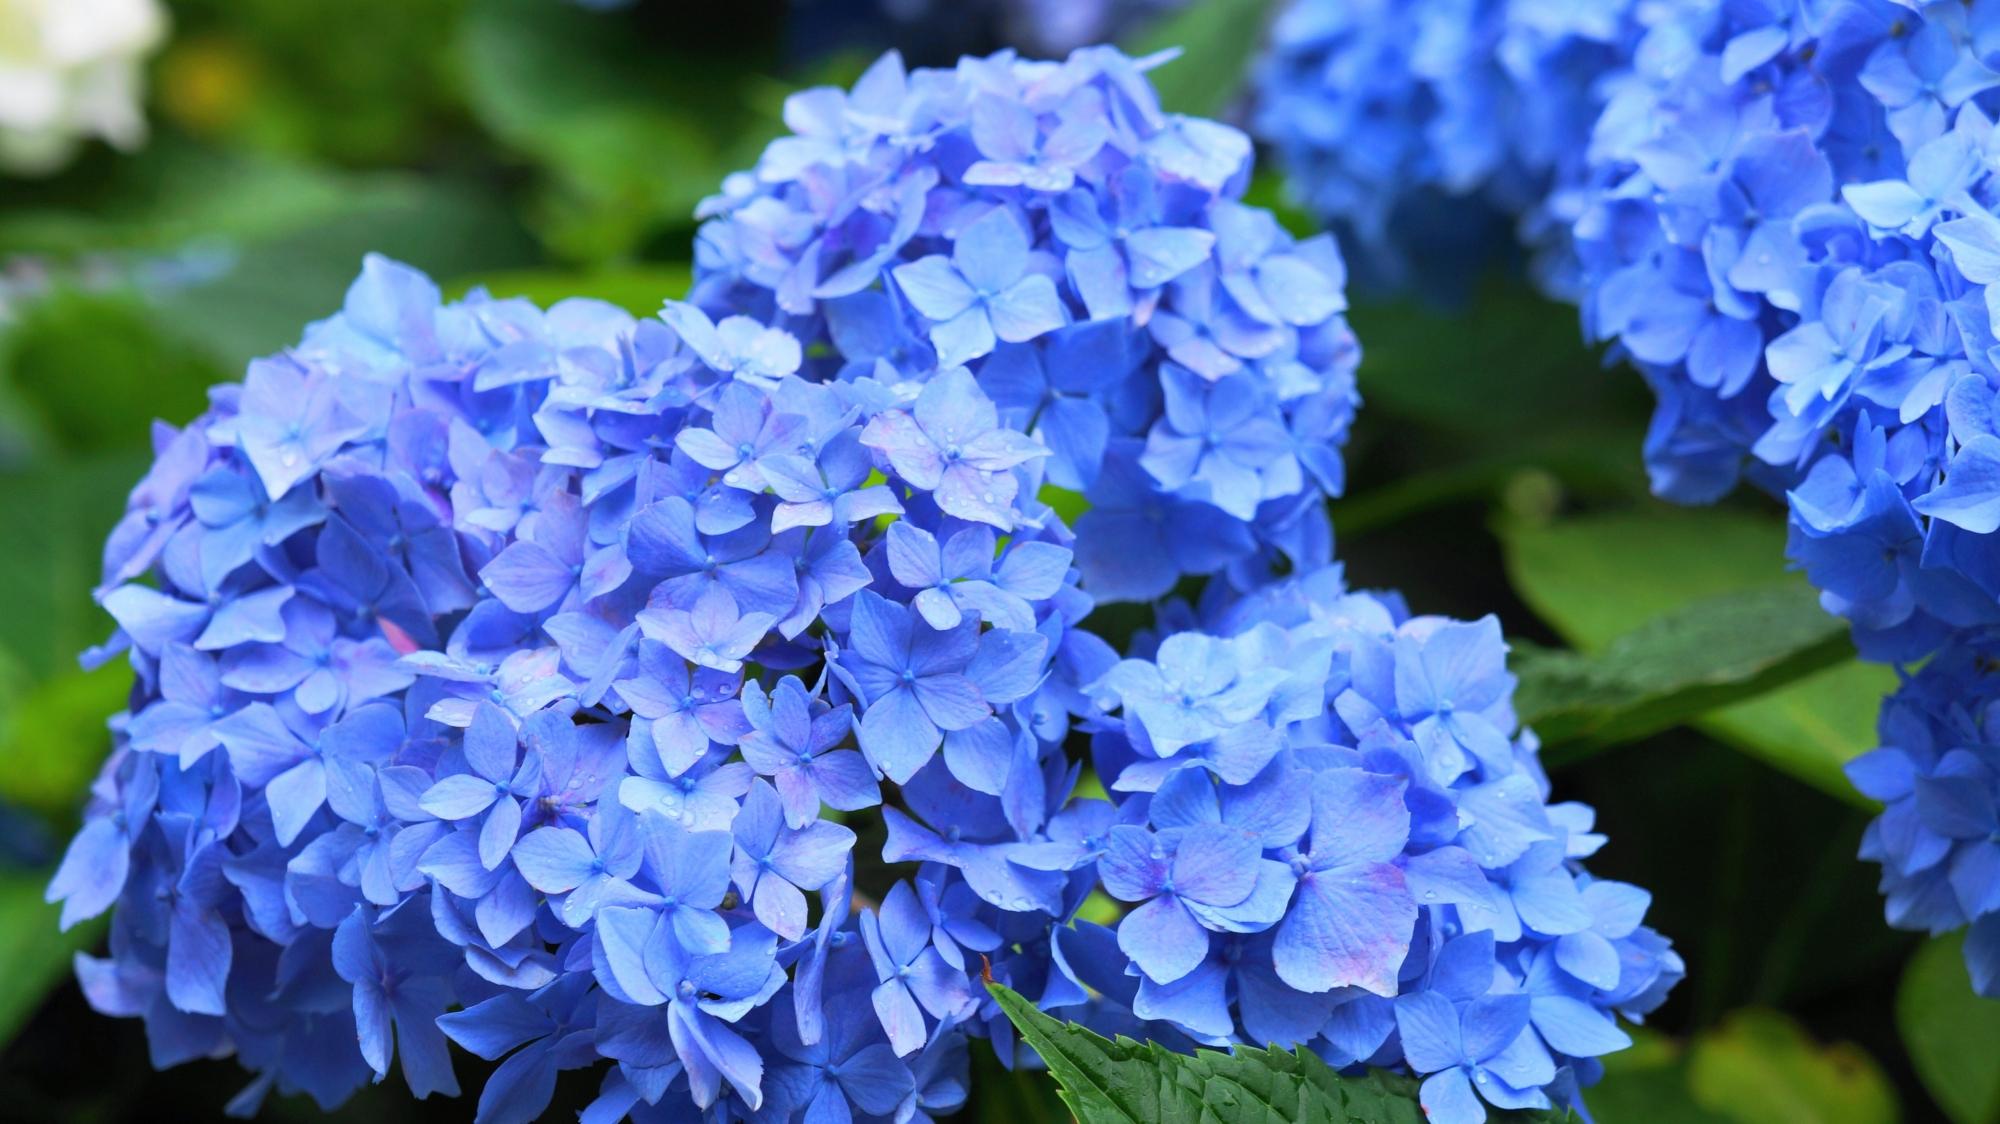 美しい花びらをたくさんつけて咲き誇る見事な紫陽花